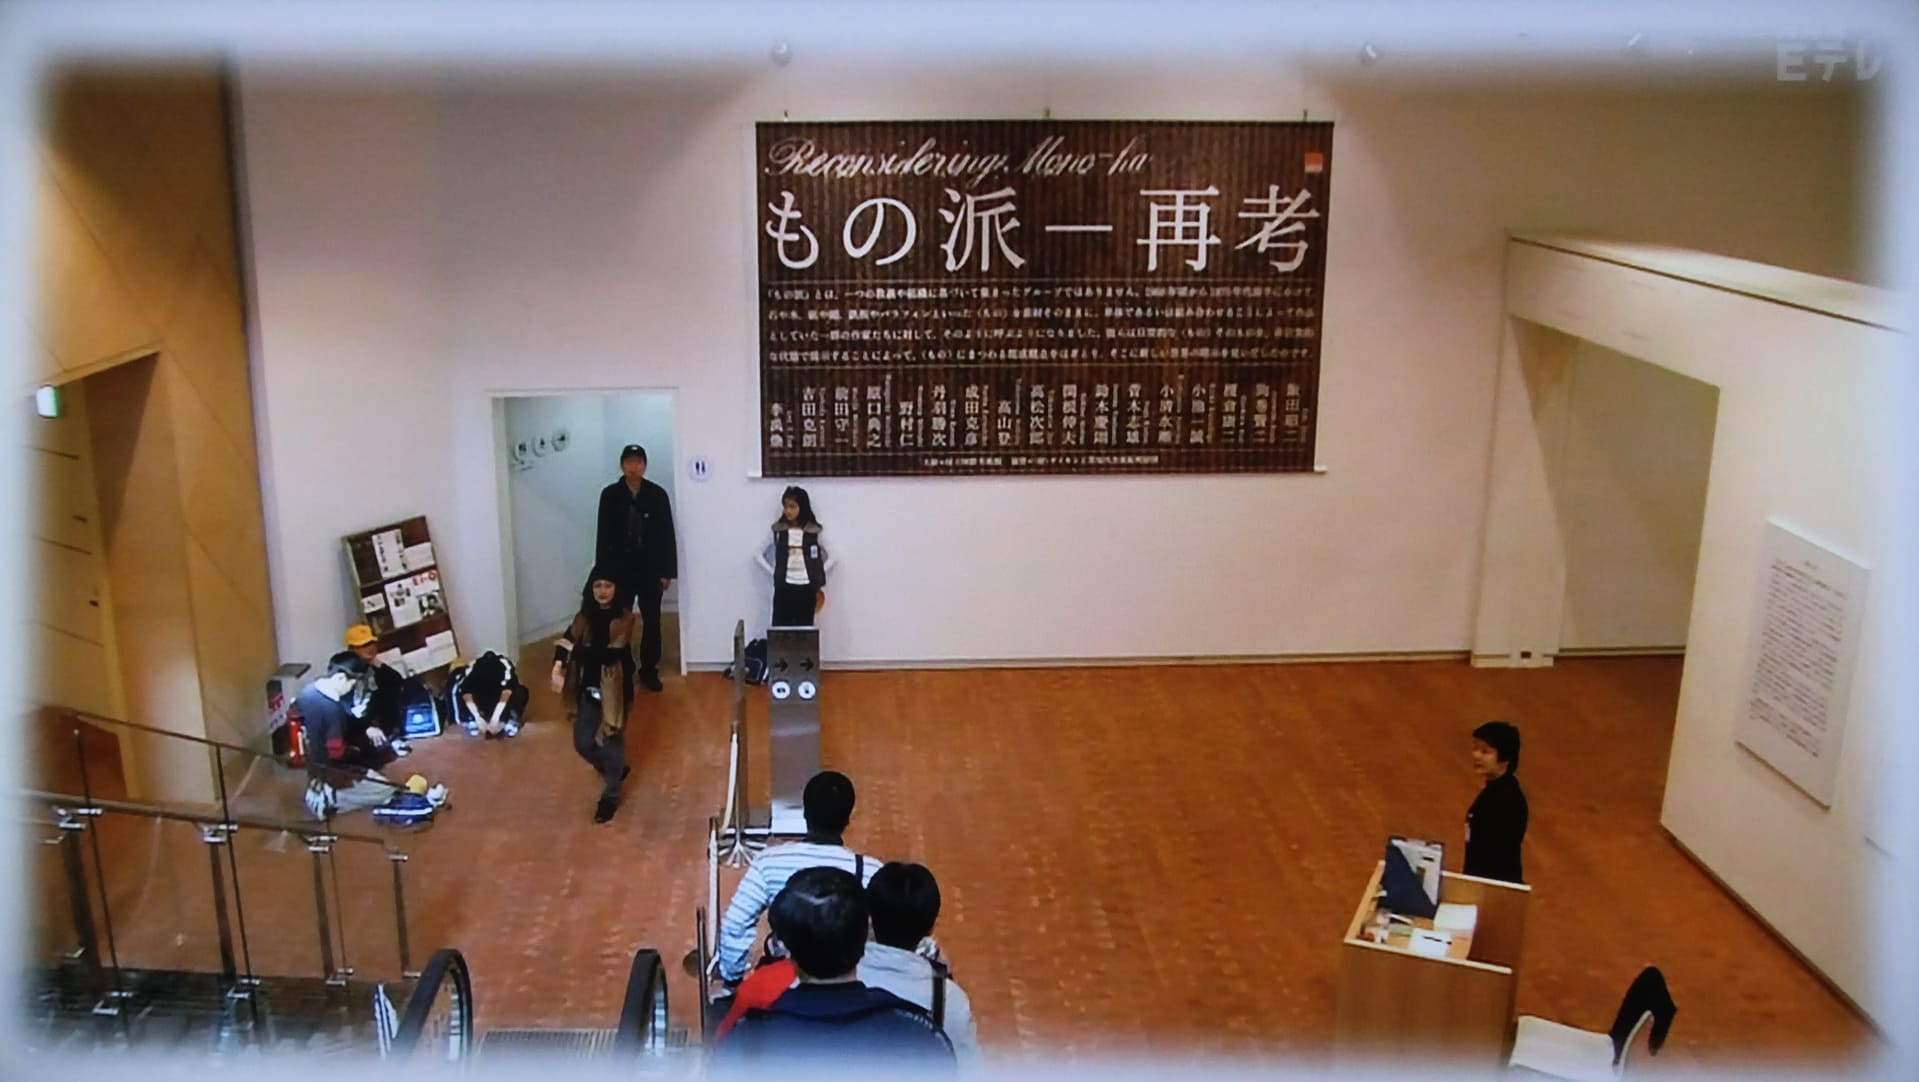 李禹煥の画像 p1_27